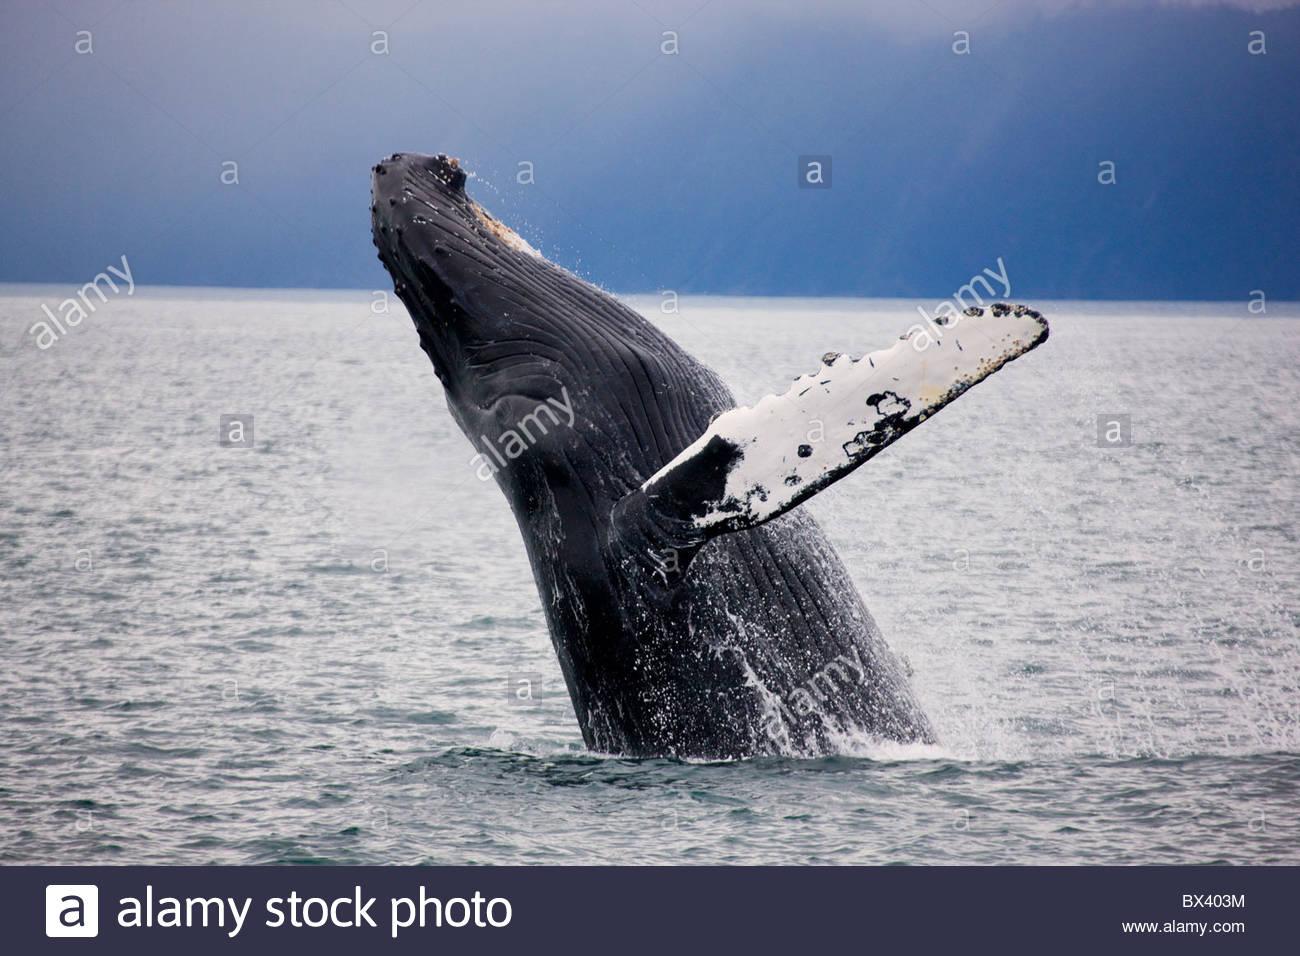 Humpback Whale, Kenai Fjords National Park, Alaska. - Stock Image